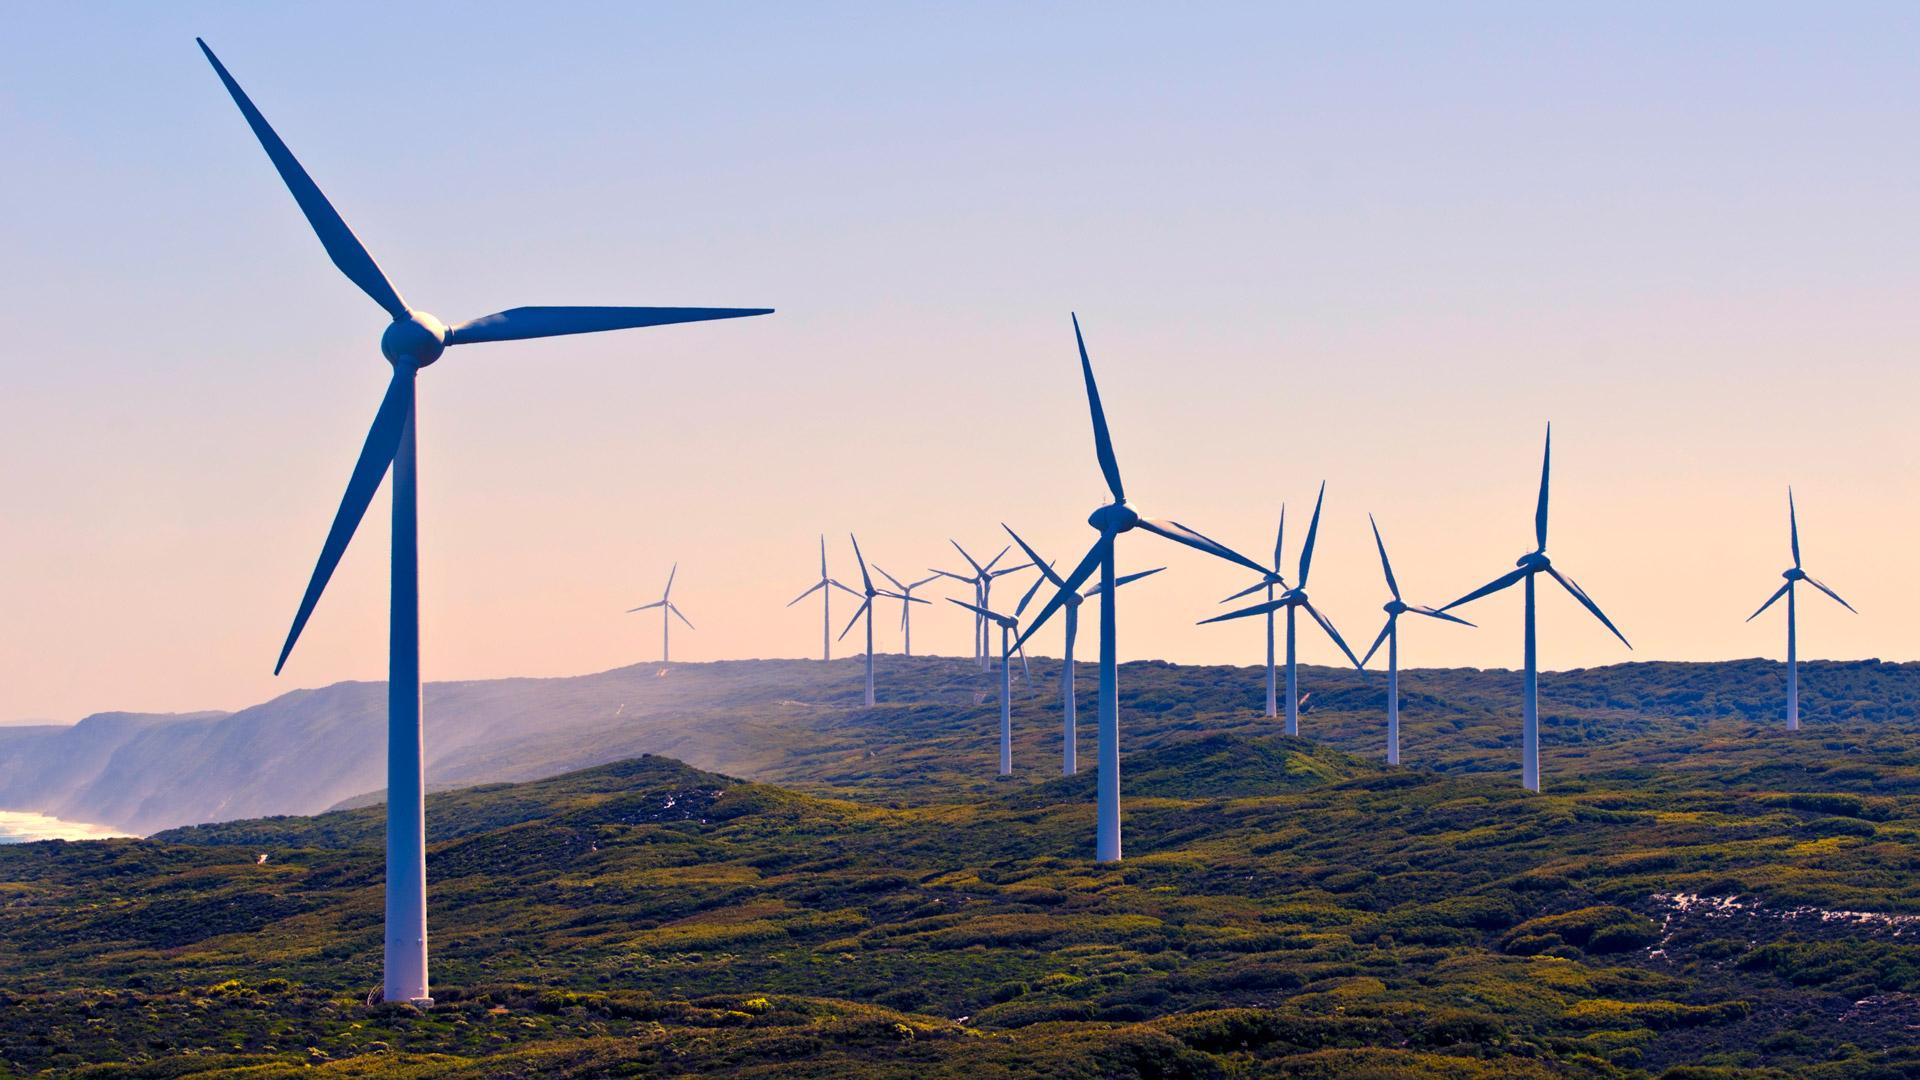 Mehrere Windräder drehen sich auf einer Anhöhe.